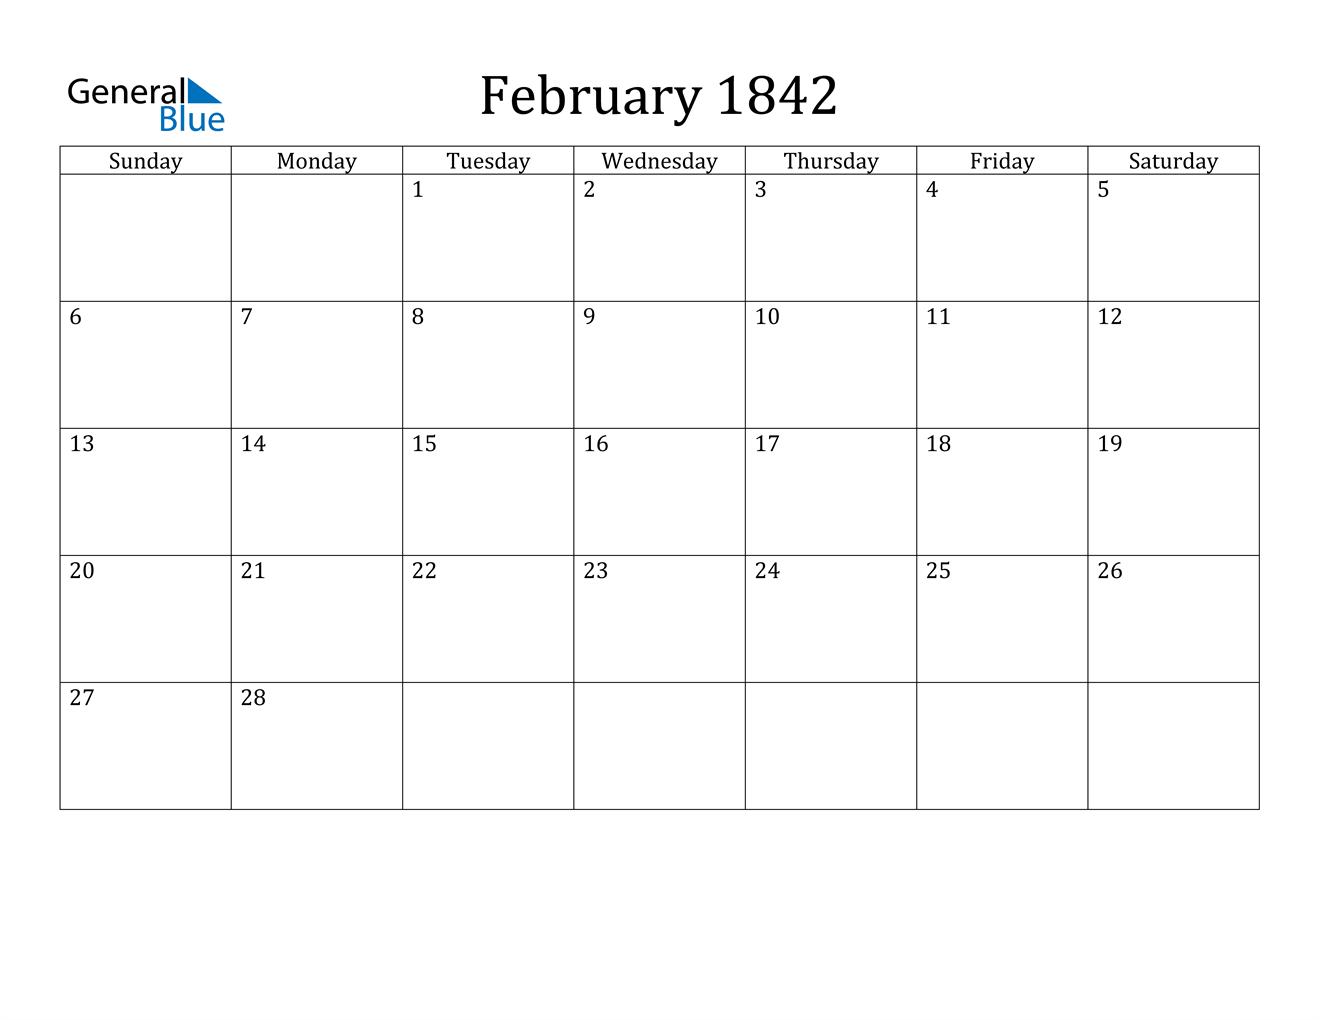 Image of February 1842 Calendar